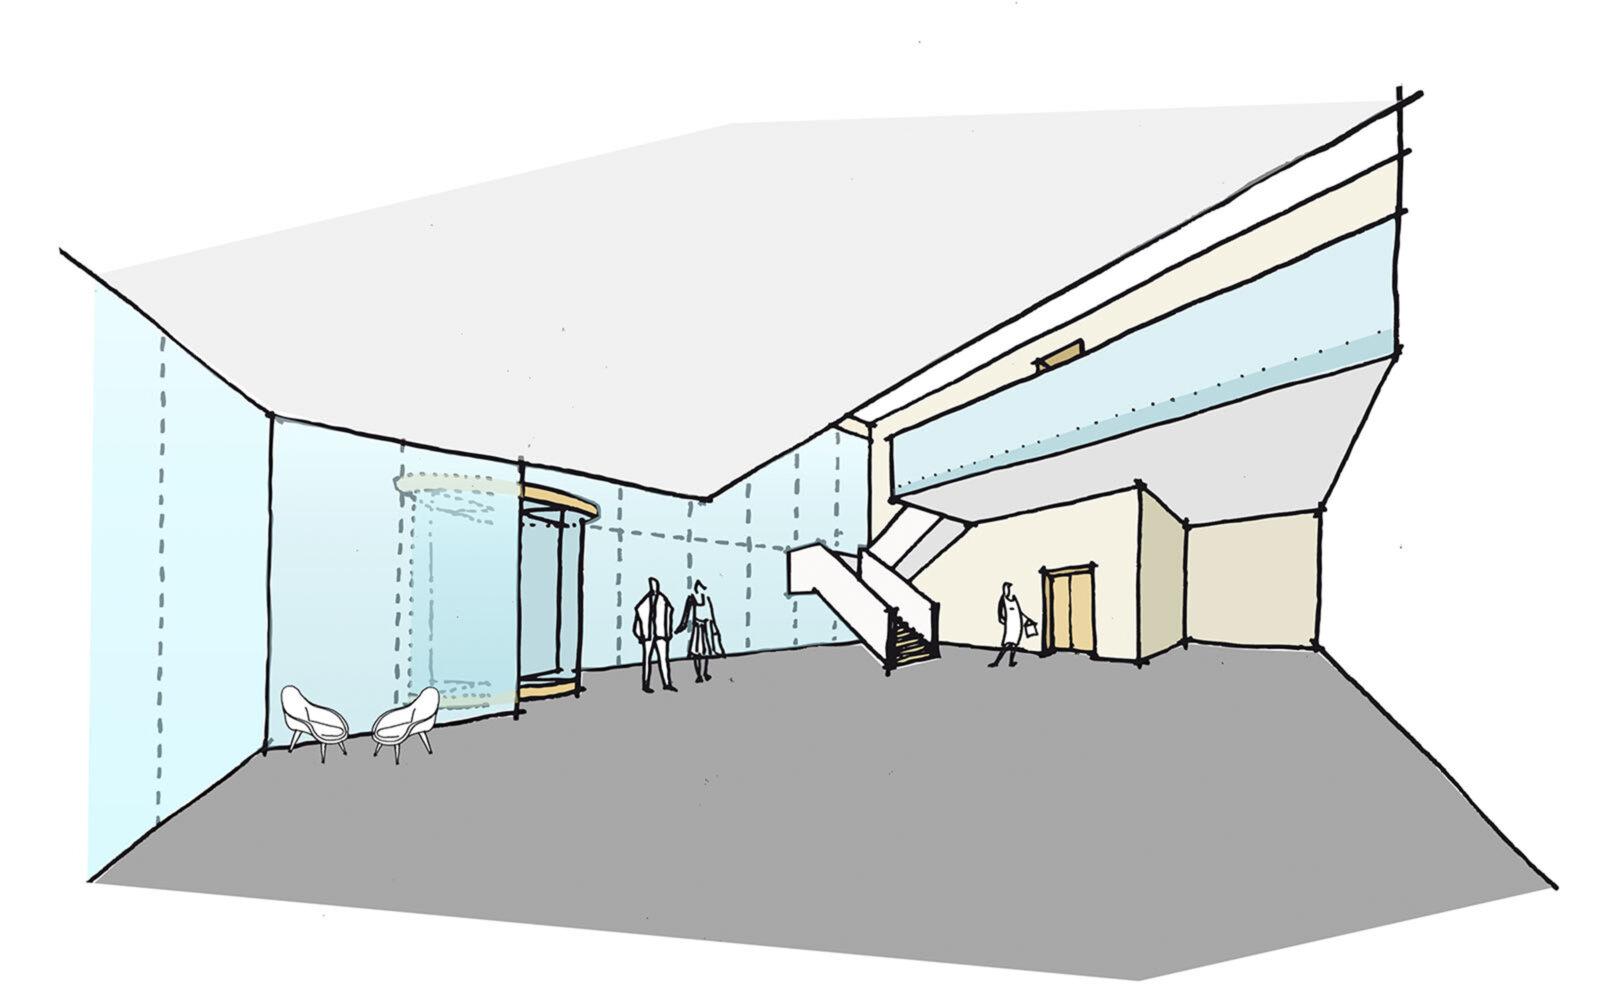 Wolfson Centre sketch